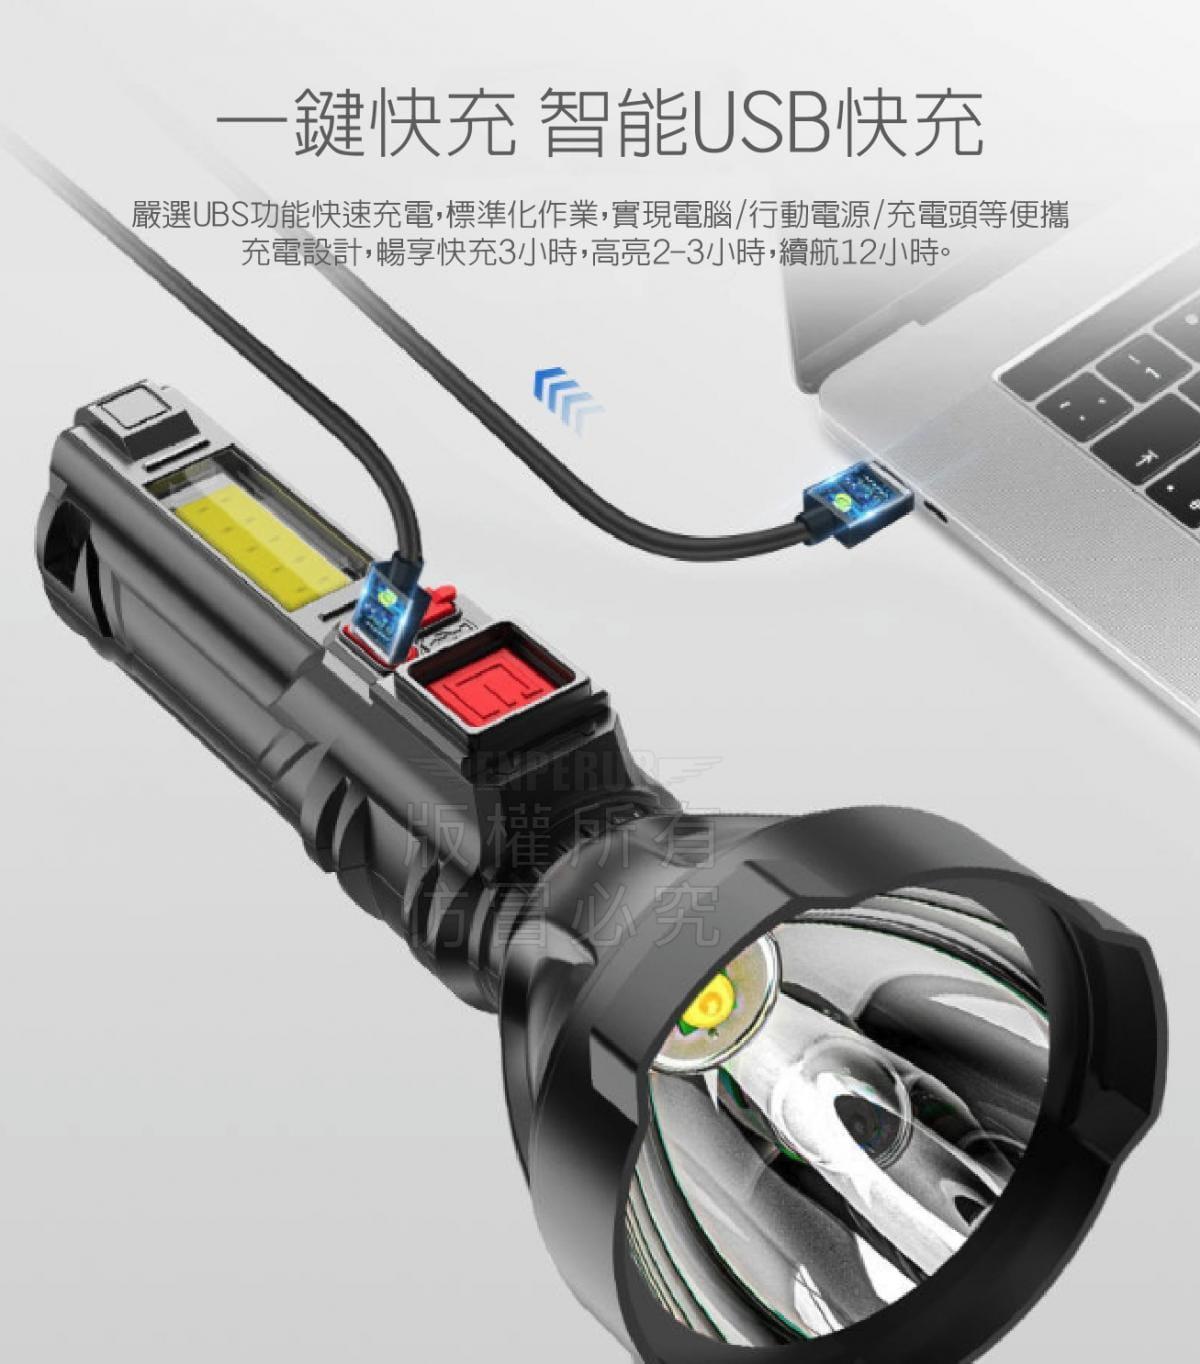 多功能雙光源手電筒 3